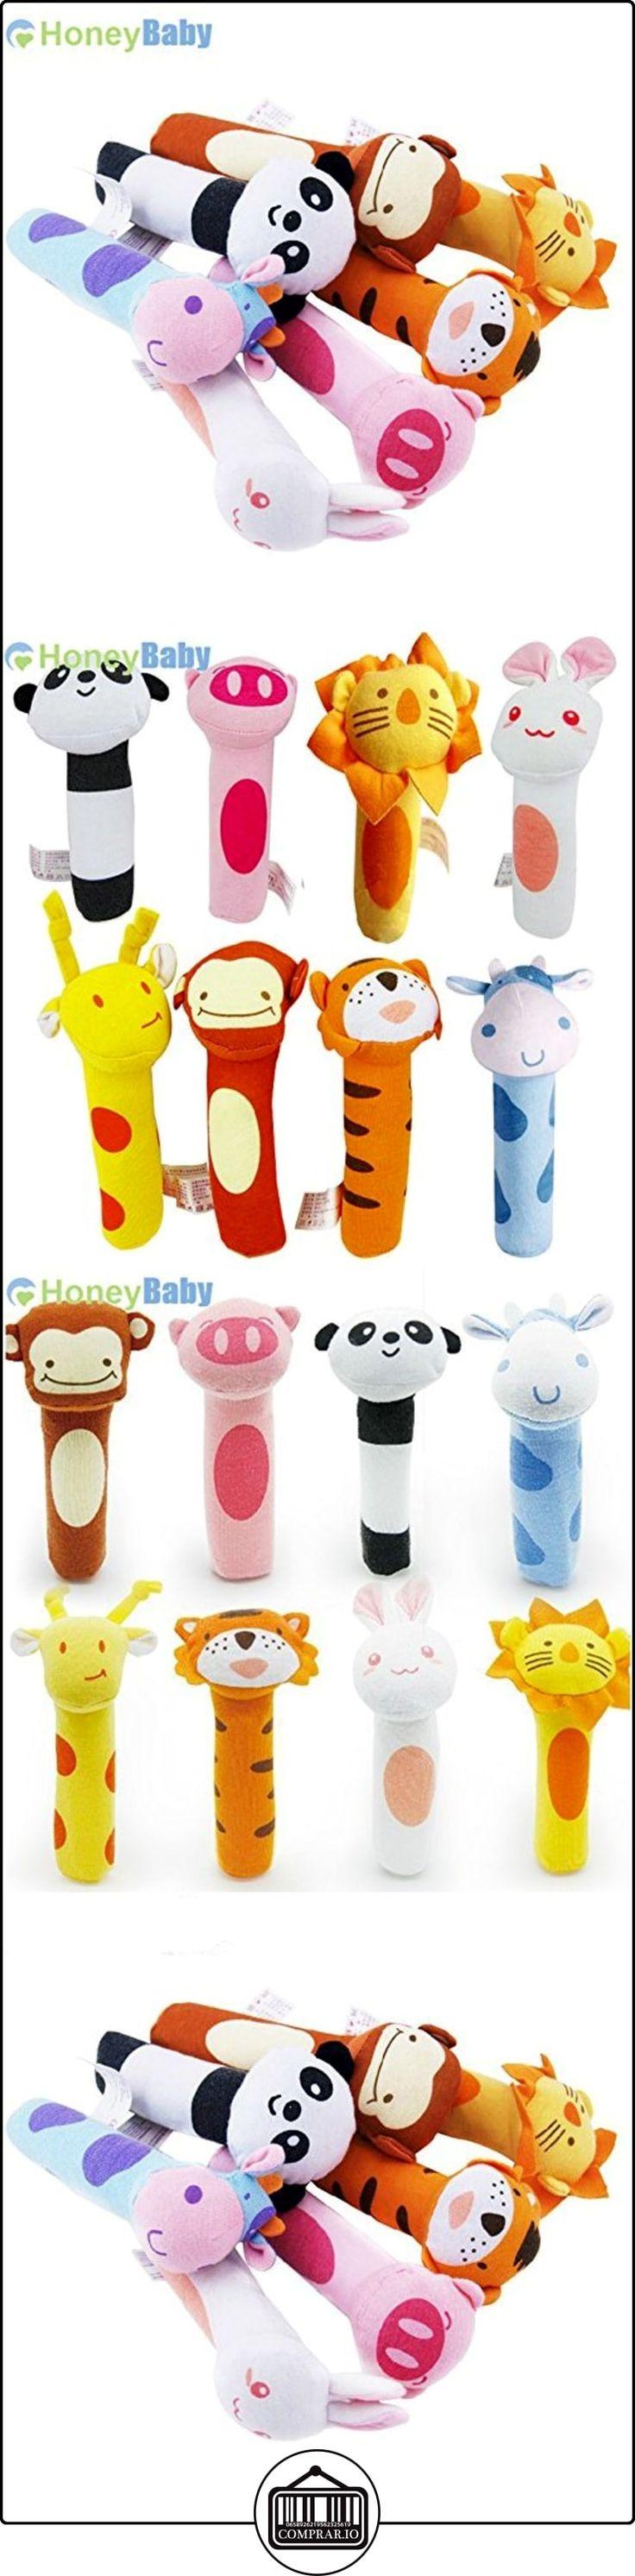 asbent (TM) 8Pcs bebé y Kids cama colgar y mano juguete y Ring Bell Pokemon Mickey Rilakkuma mini oso panda peluche brinquedo-wj098  ✿ Regalos para recién nacidos - Bebes ✿ ▬► Ver oferta: http://comprar.io/goto/B01I18S56S